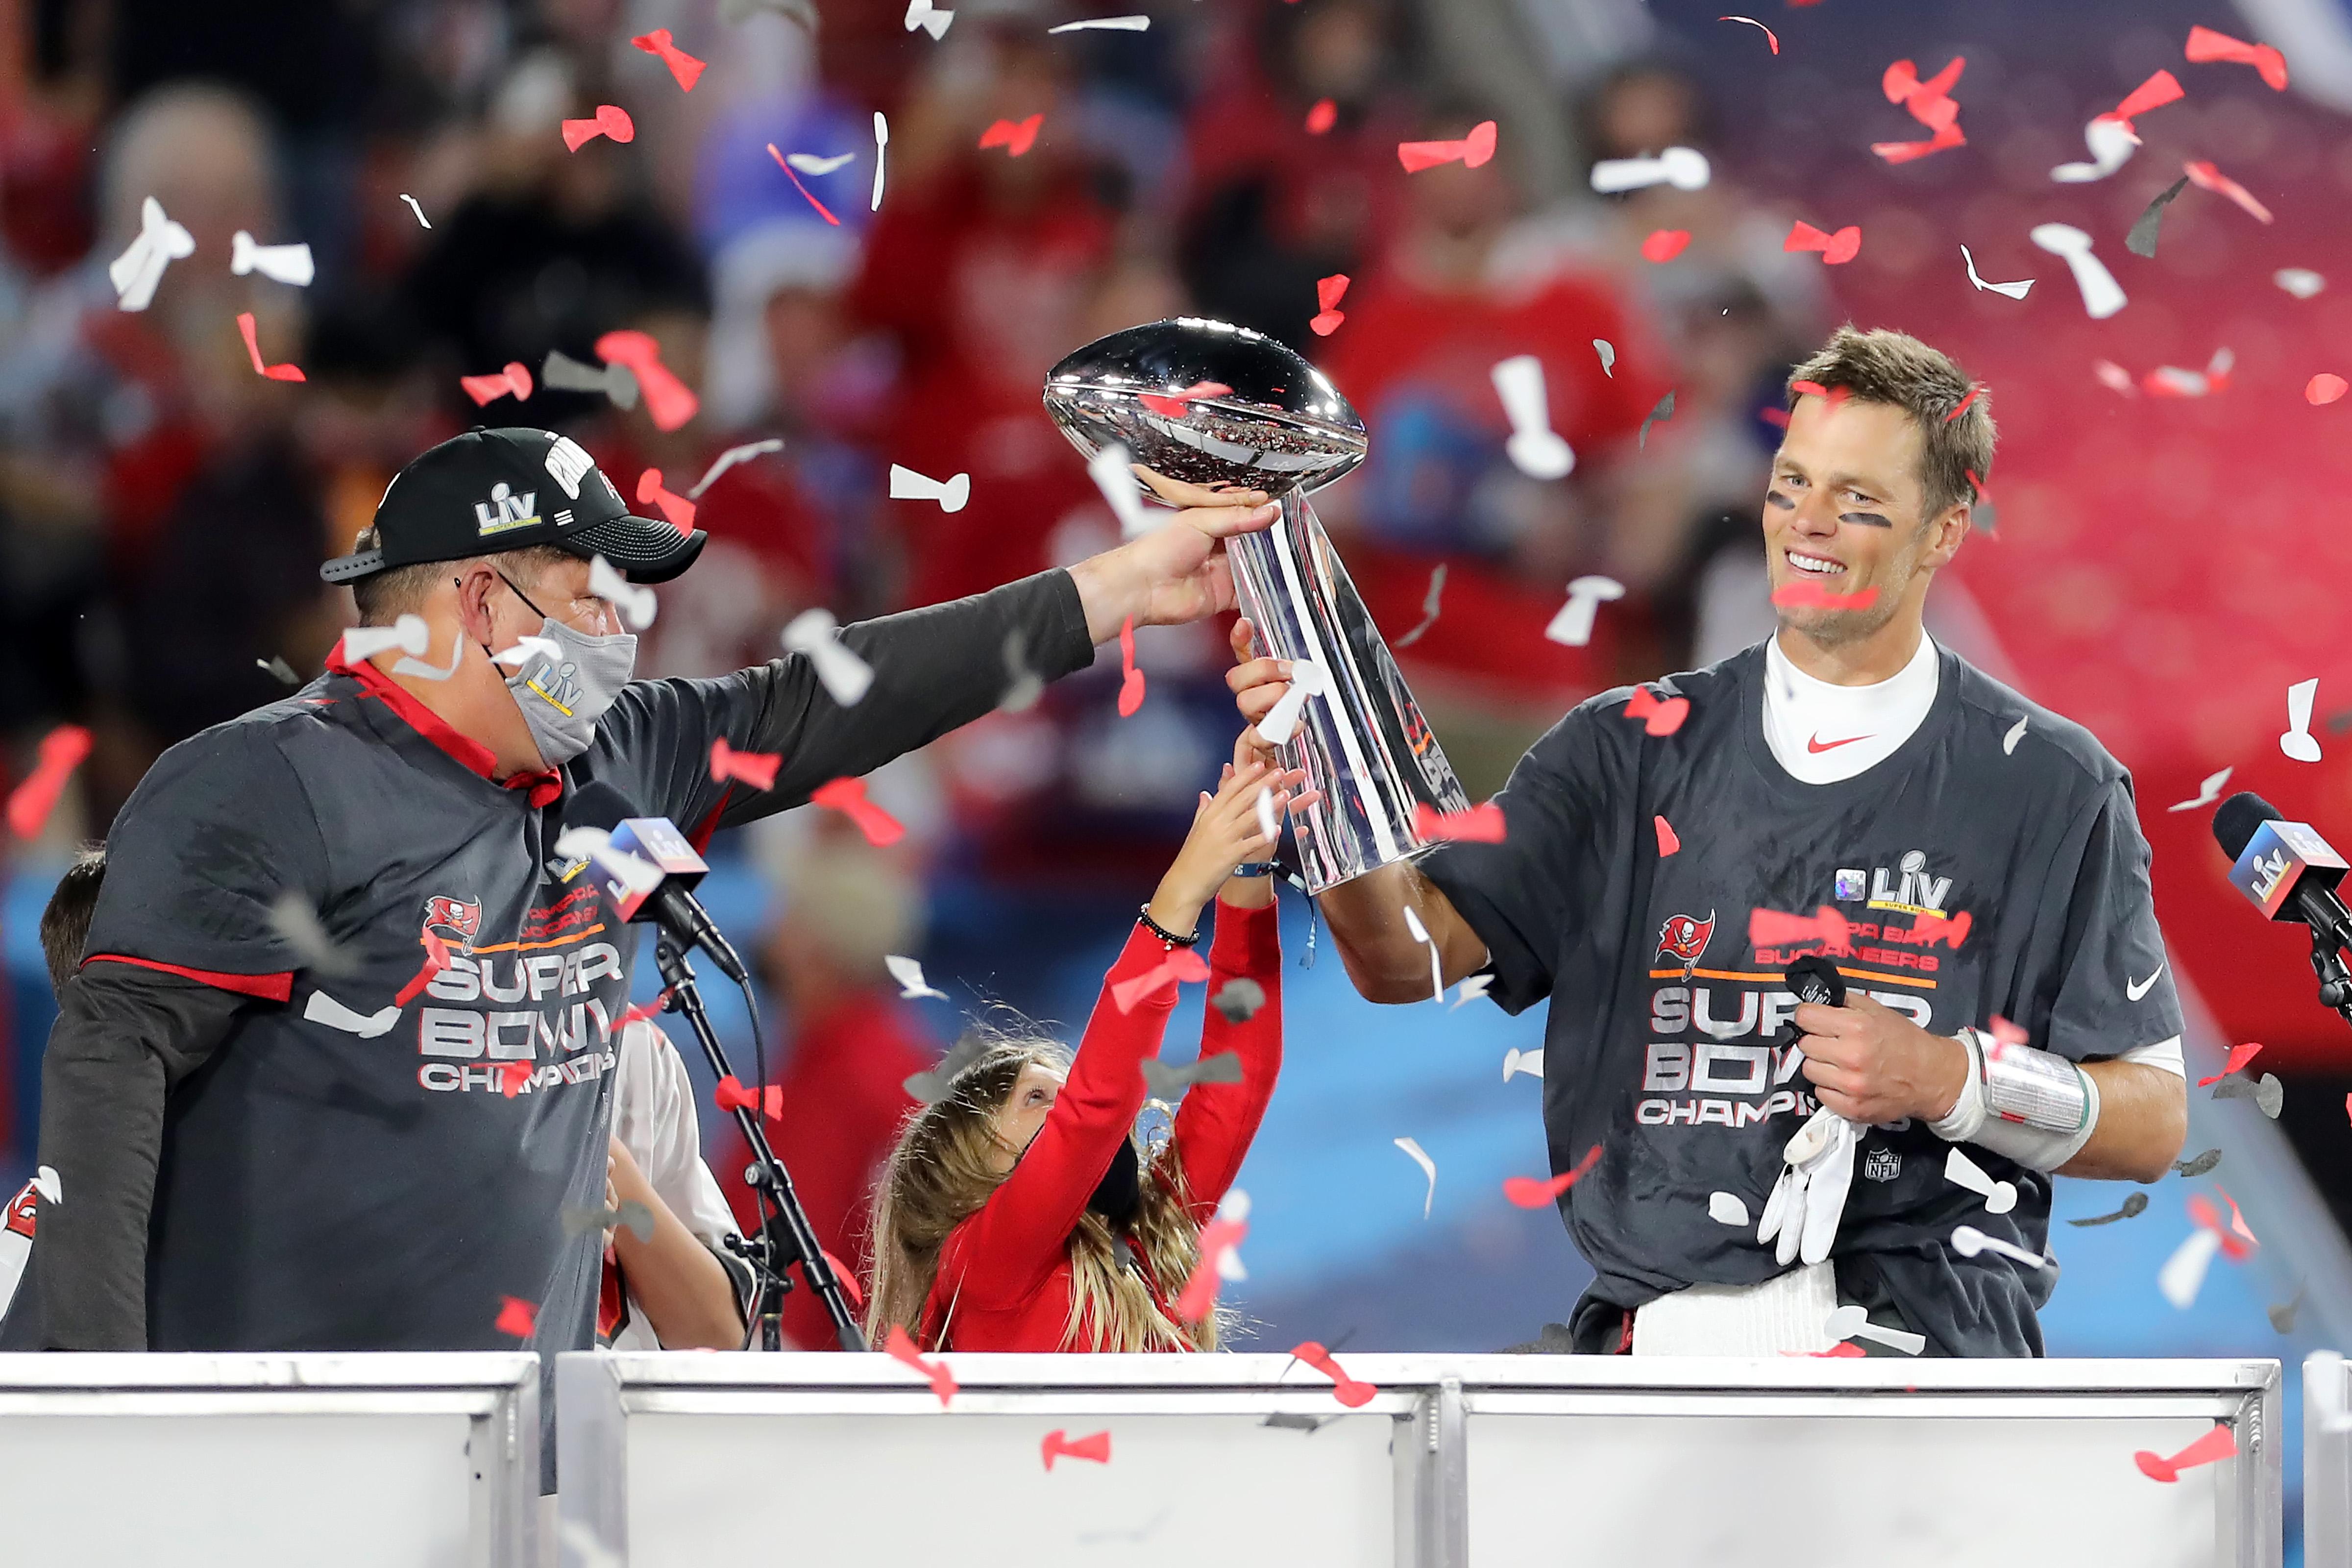 2021年2月7日,在堪萨斯城酋长队和坦帕湾海盗队的超级碗比赛结束后,超级碗MVP汤姆·布雷迪(12岁)从总经理杰森·利希特手中接过隆巴迪奖杯。